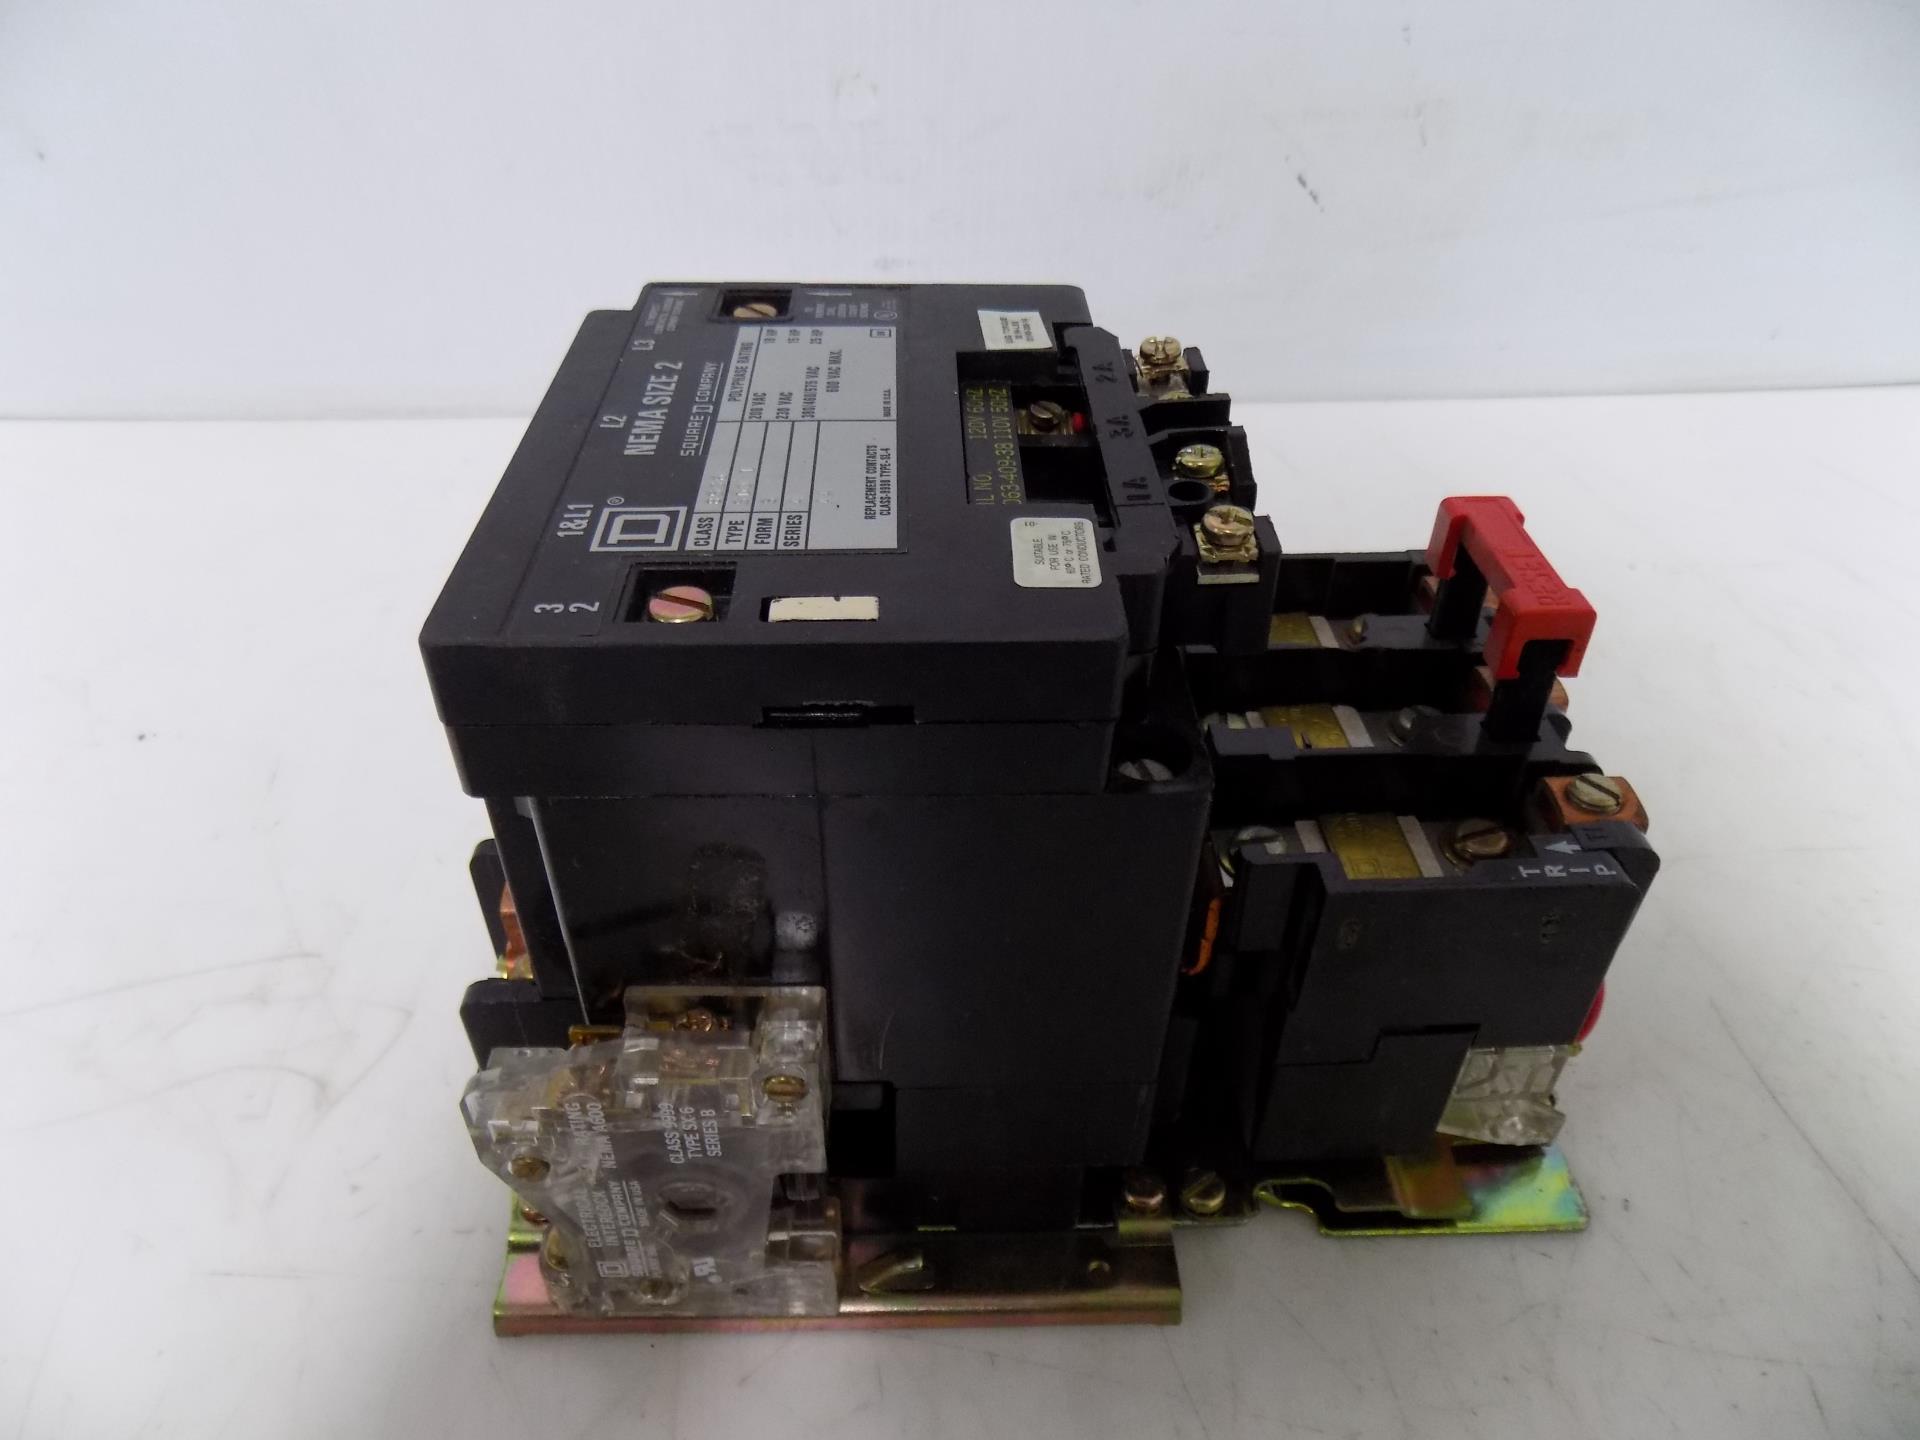 SQUARE D 8536 SDO 1 SIZE 2 STARTER W/31063-409-38 COIL ...